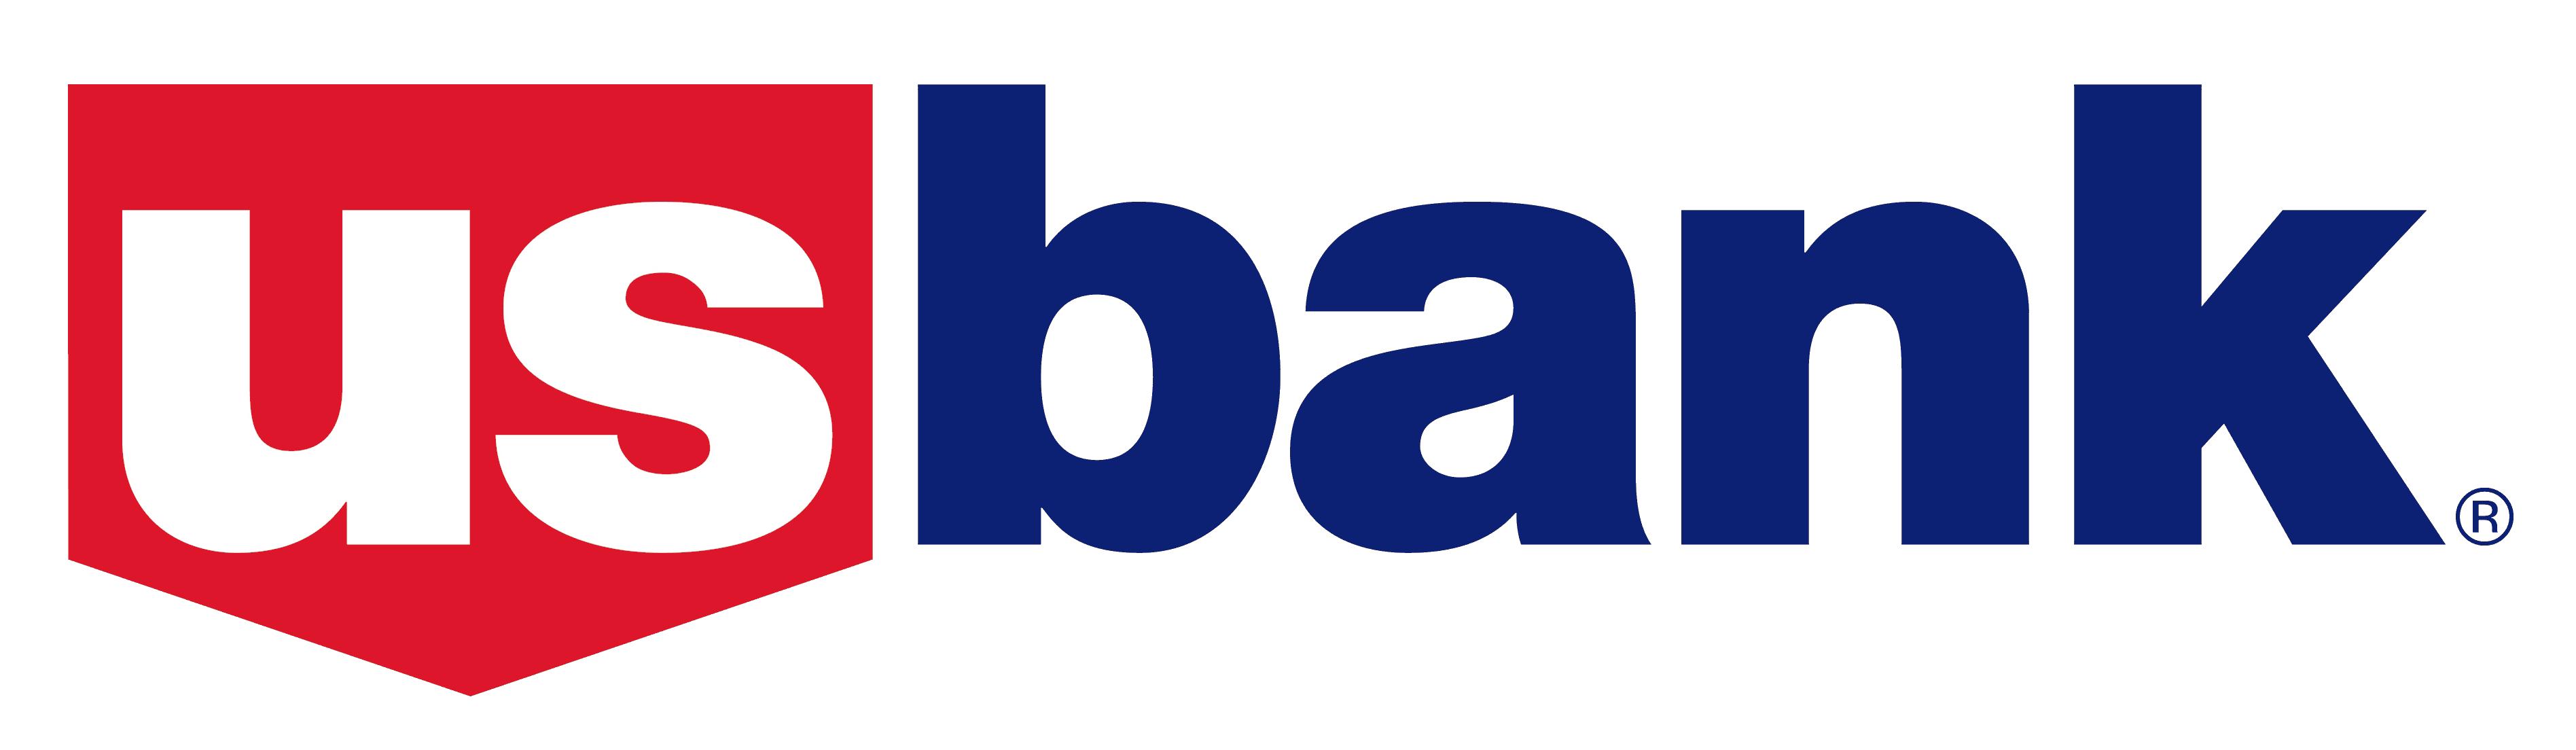 US Bank Logo PNG Transparent.